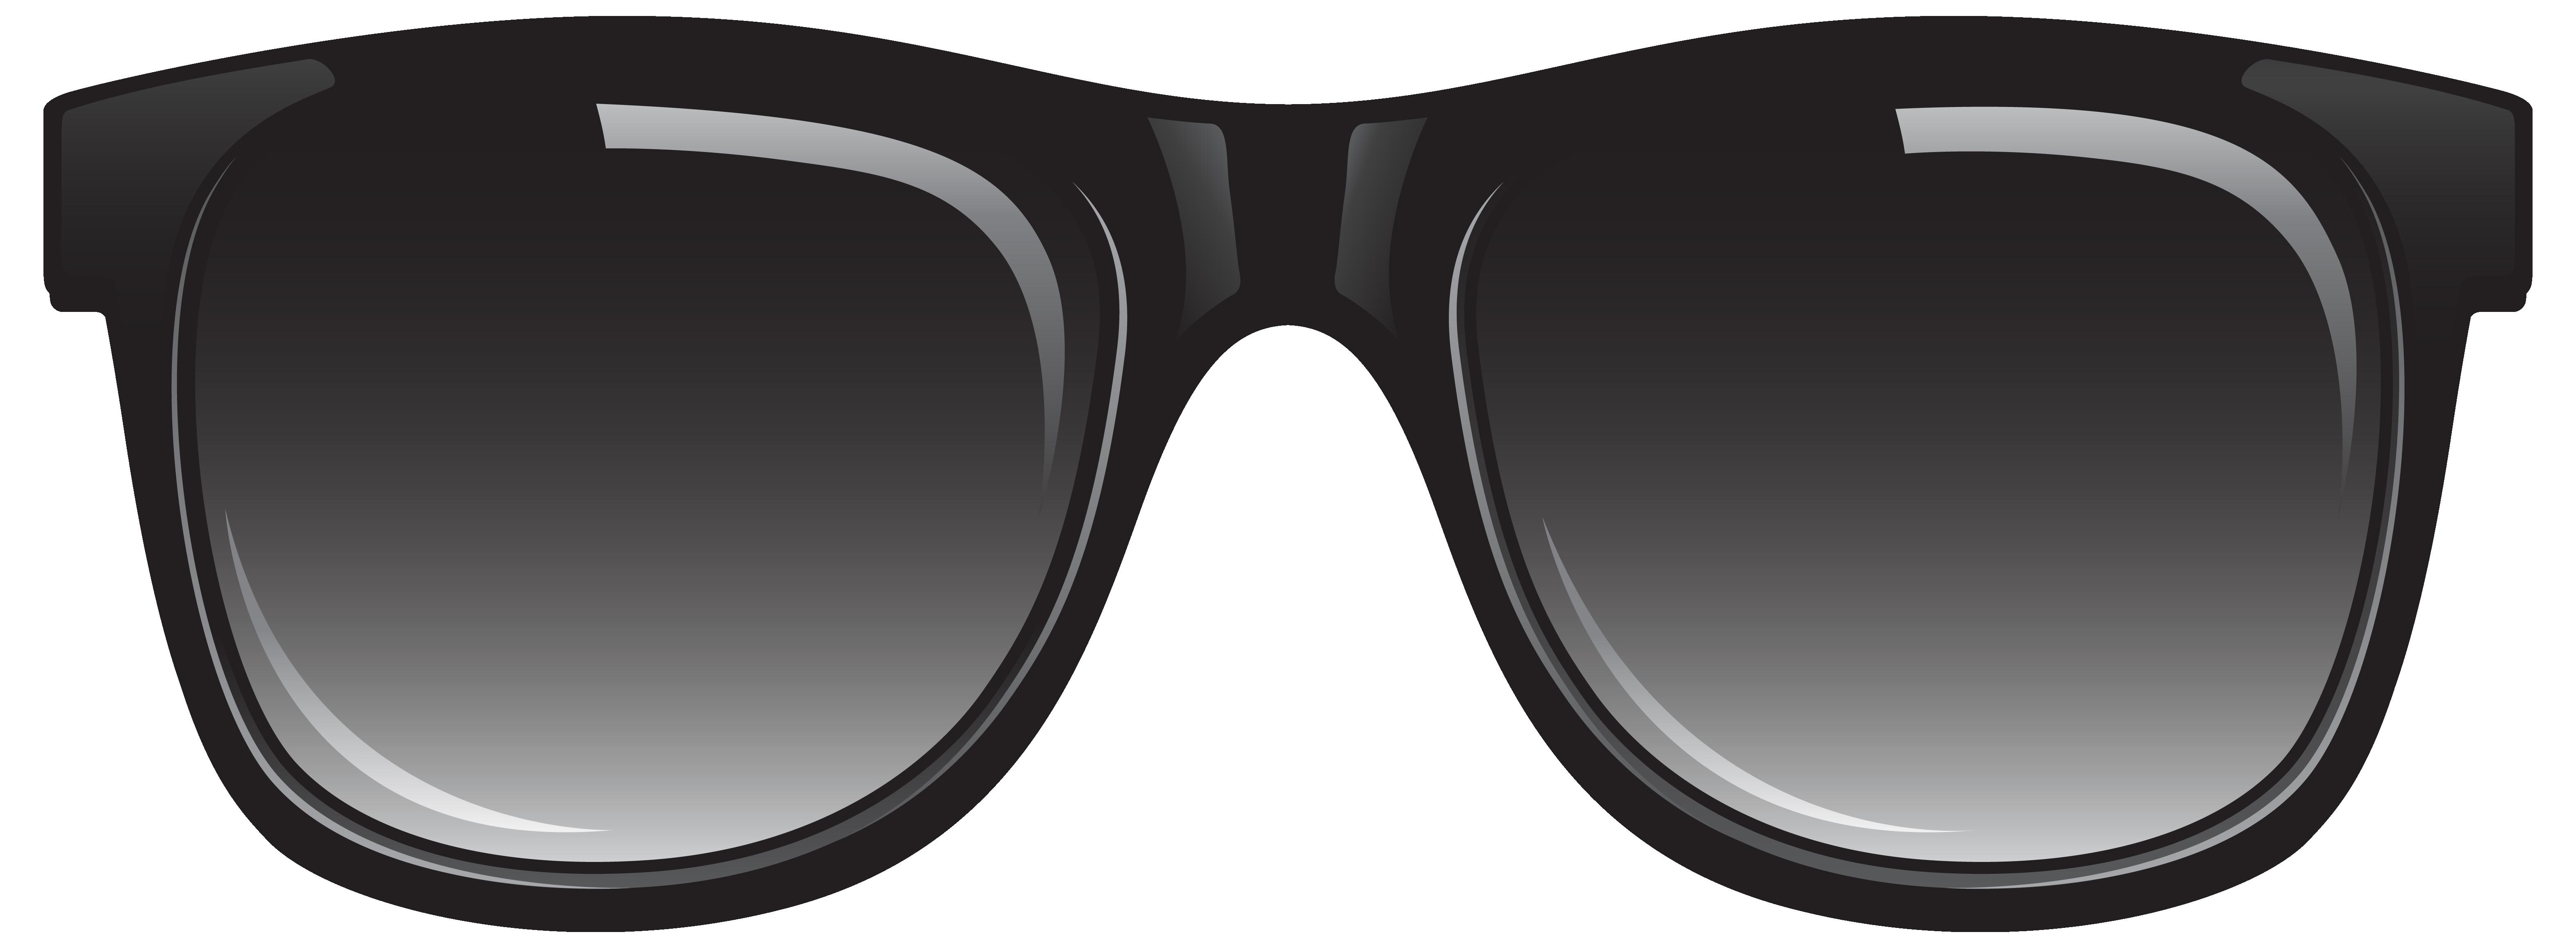 Sunglasses clipart free clip  - Sun Glasses Clip Art